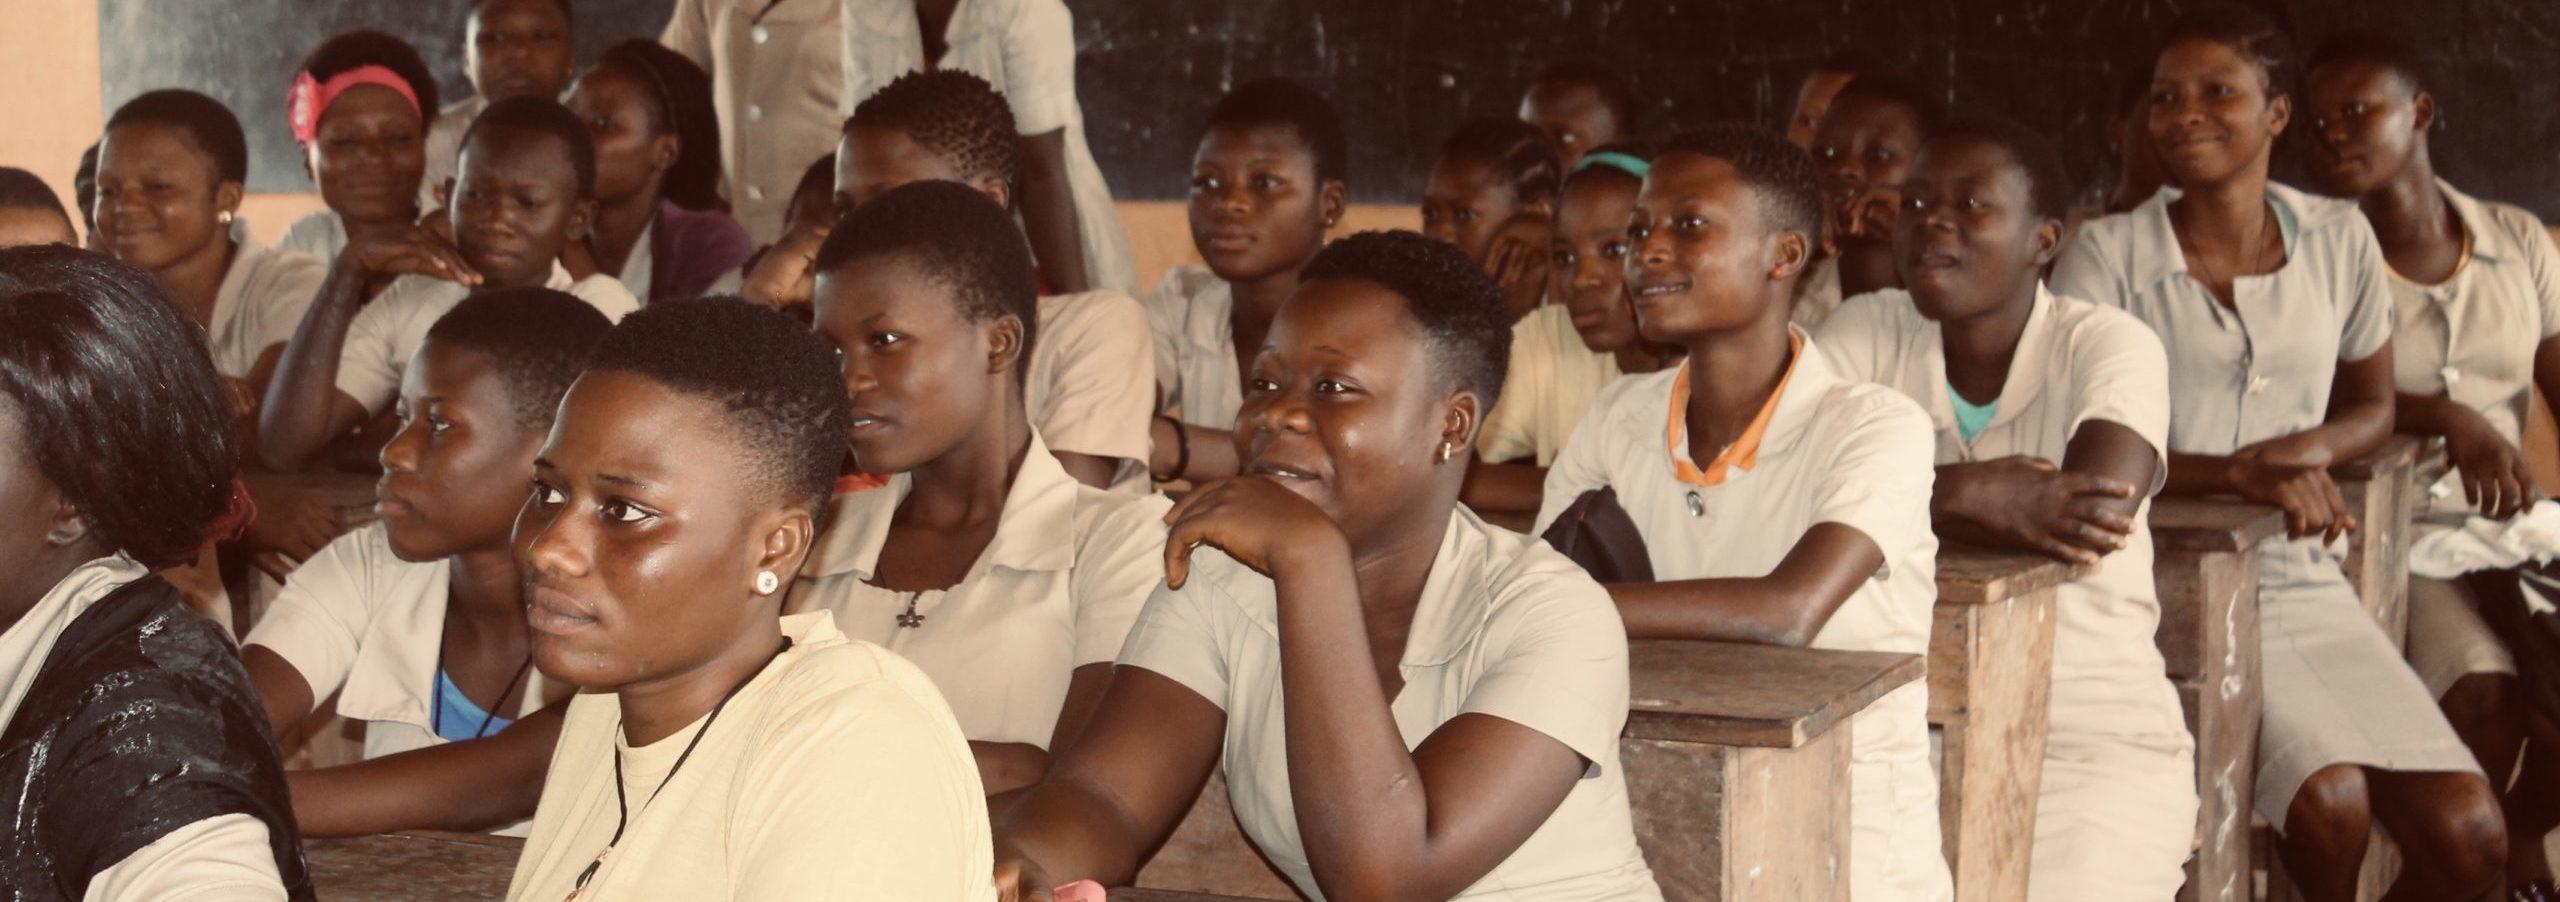 Tsorea s'implique dans la promotion de l'éducation au Bénin